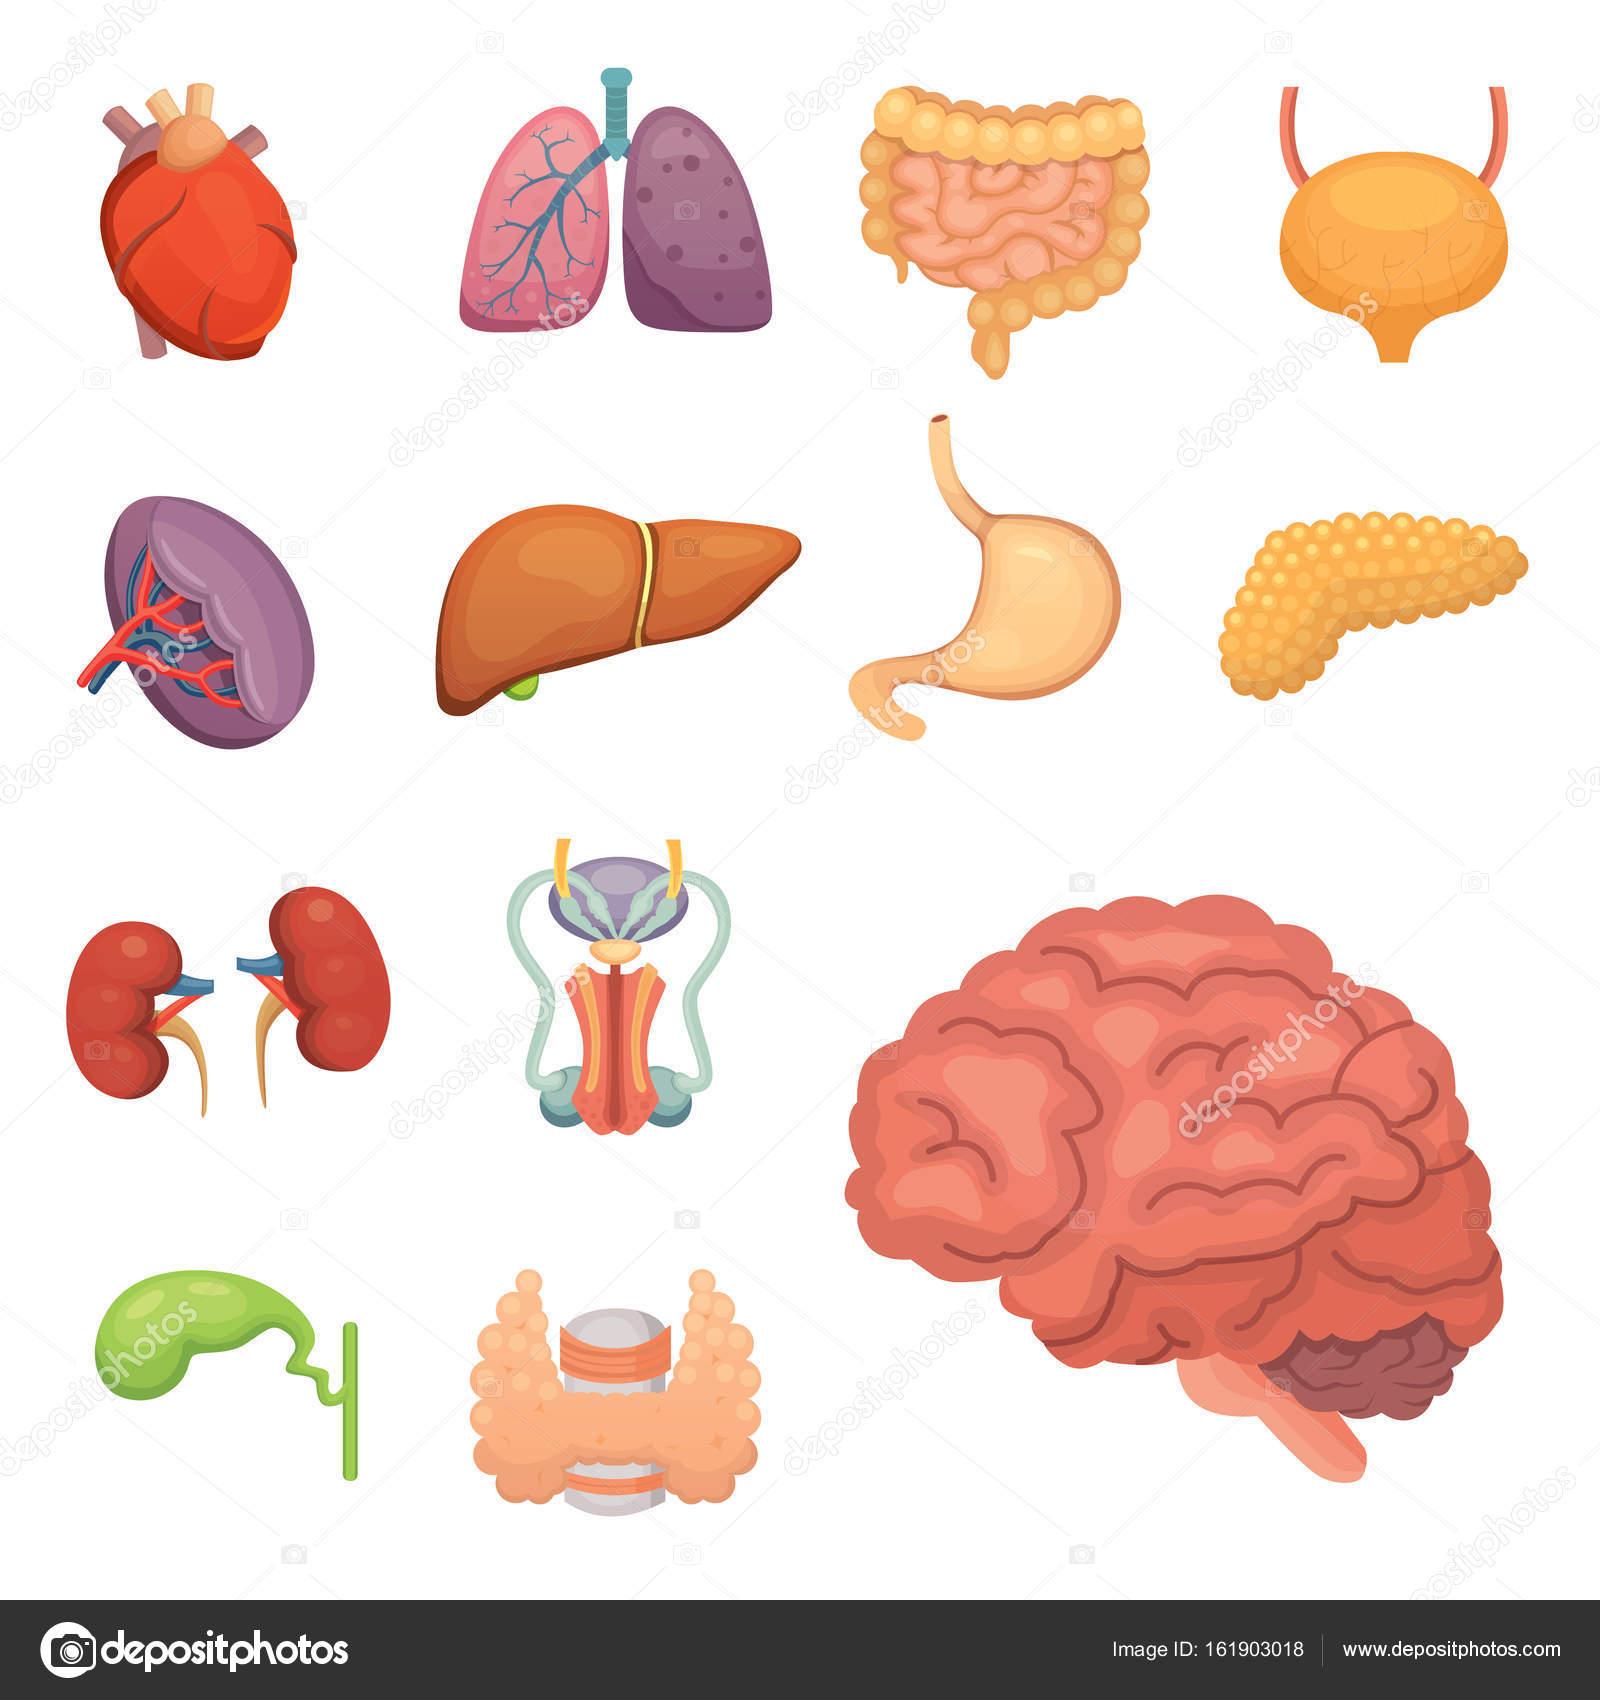 Conjunto de órganos humanos de dibujos animados. Anatomía del cuerpo ...